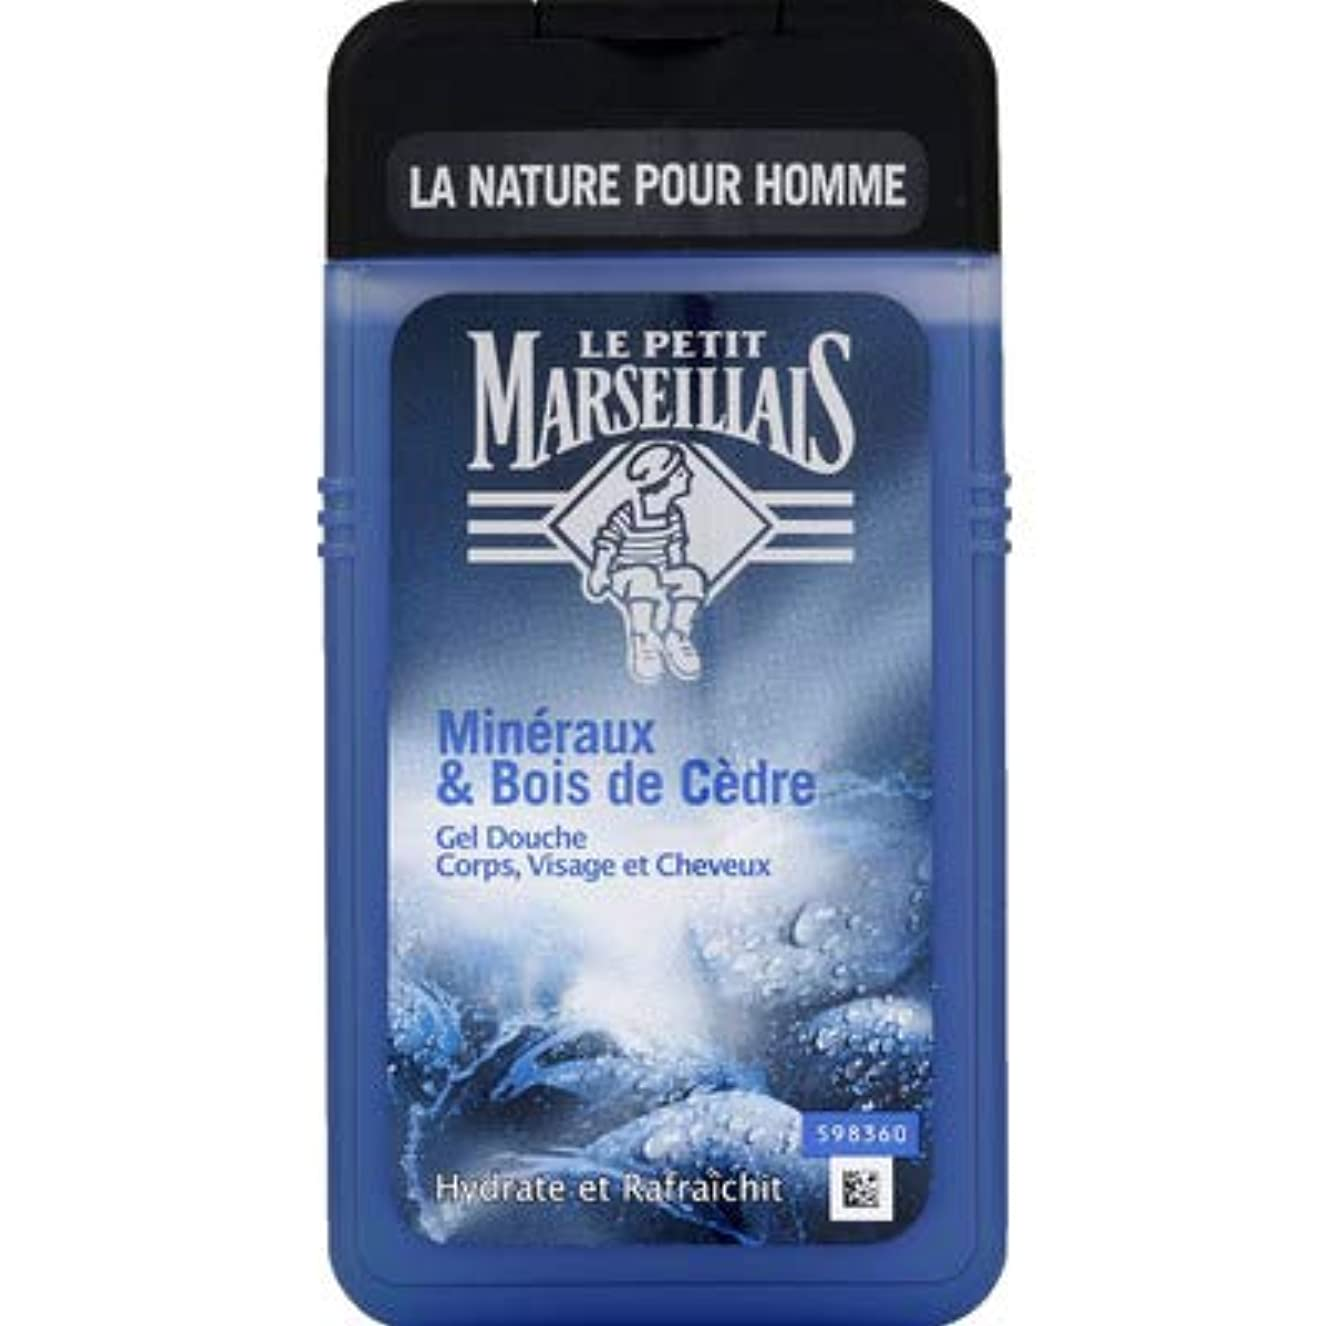 十一うめき声しなやかなメンズ用 顔?髪?体 ボディウォッシュ「ミネラル」と「シダーウッド」シャワージェル フランスの「ル?プティ?マルセイユ (Le Petit Marseillais)」 250ml